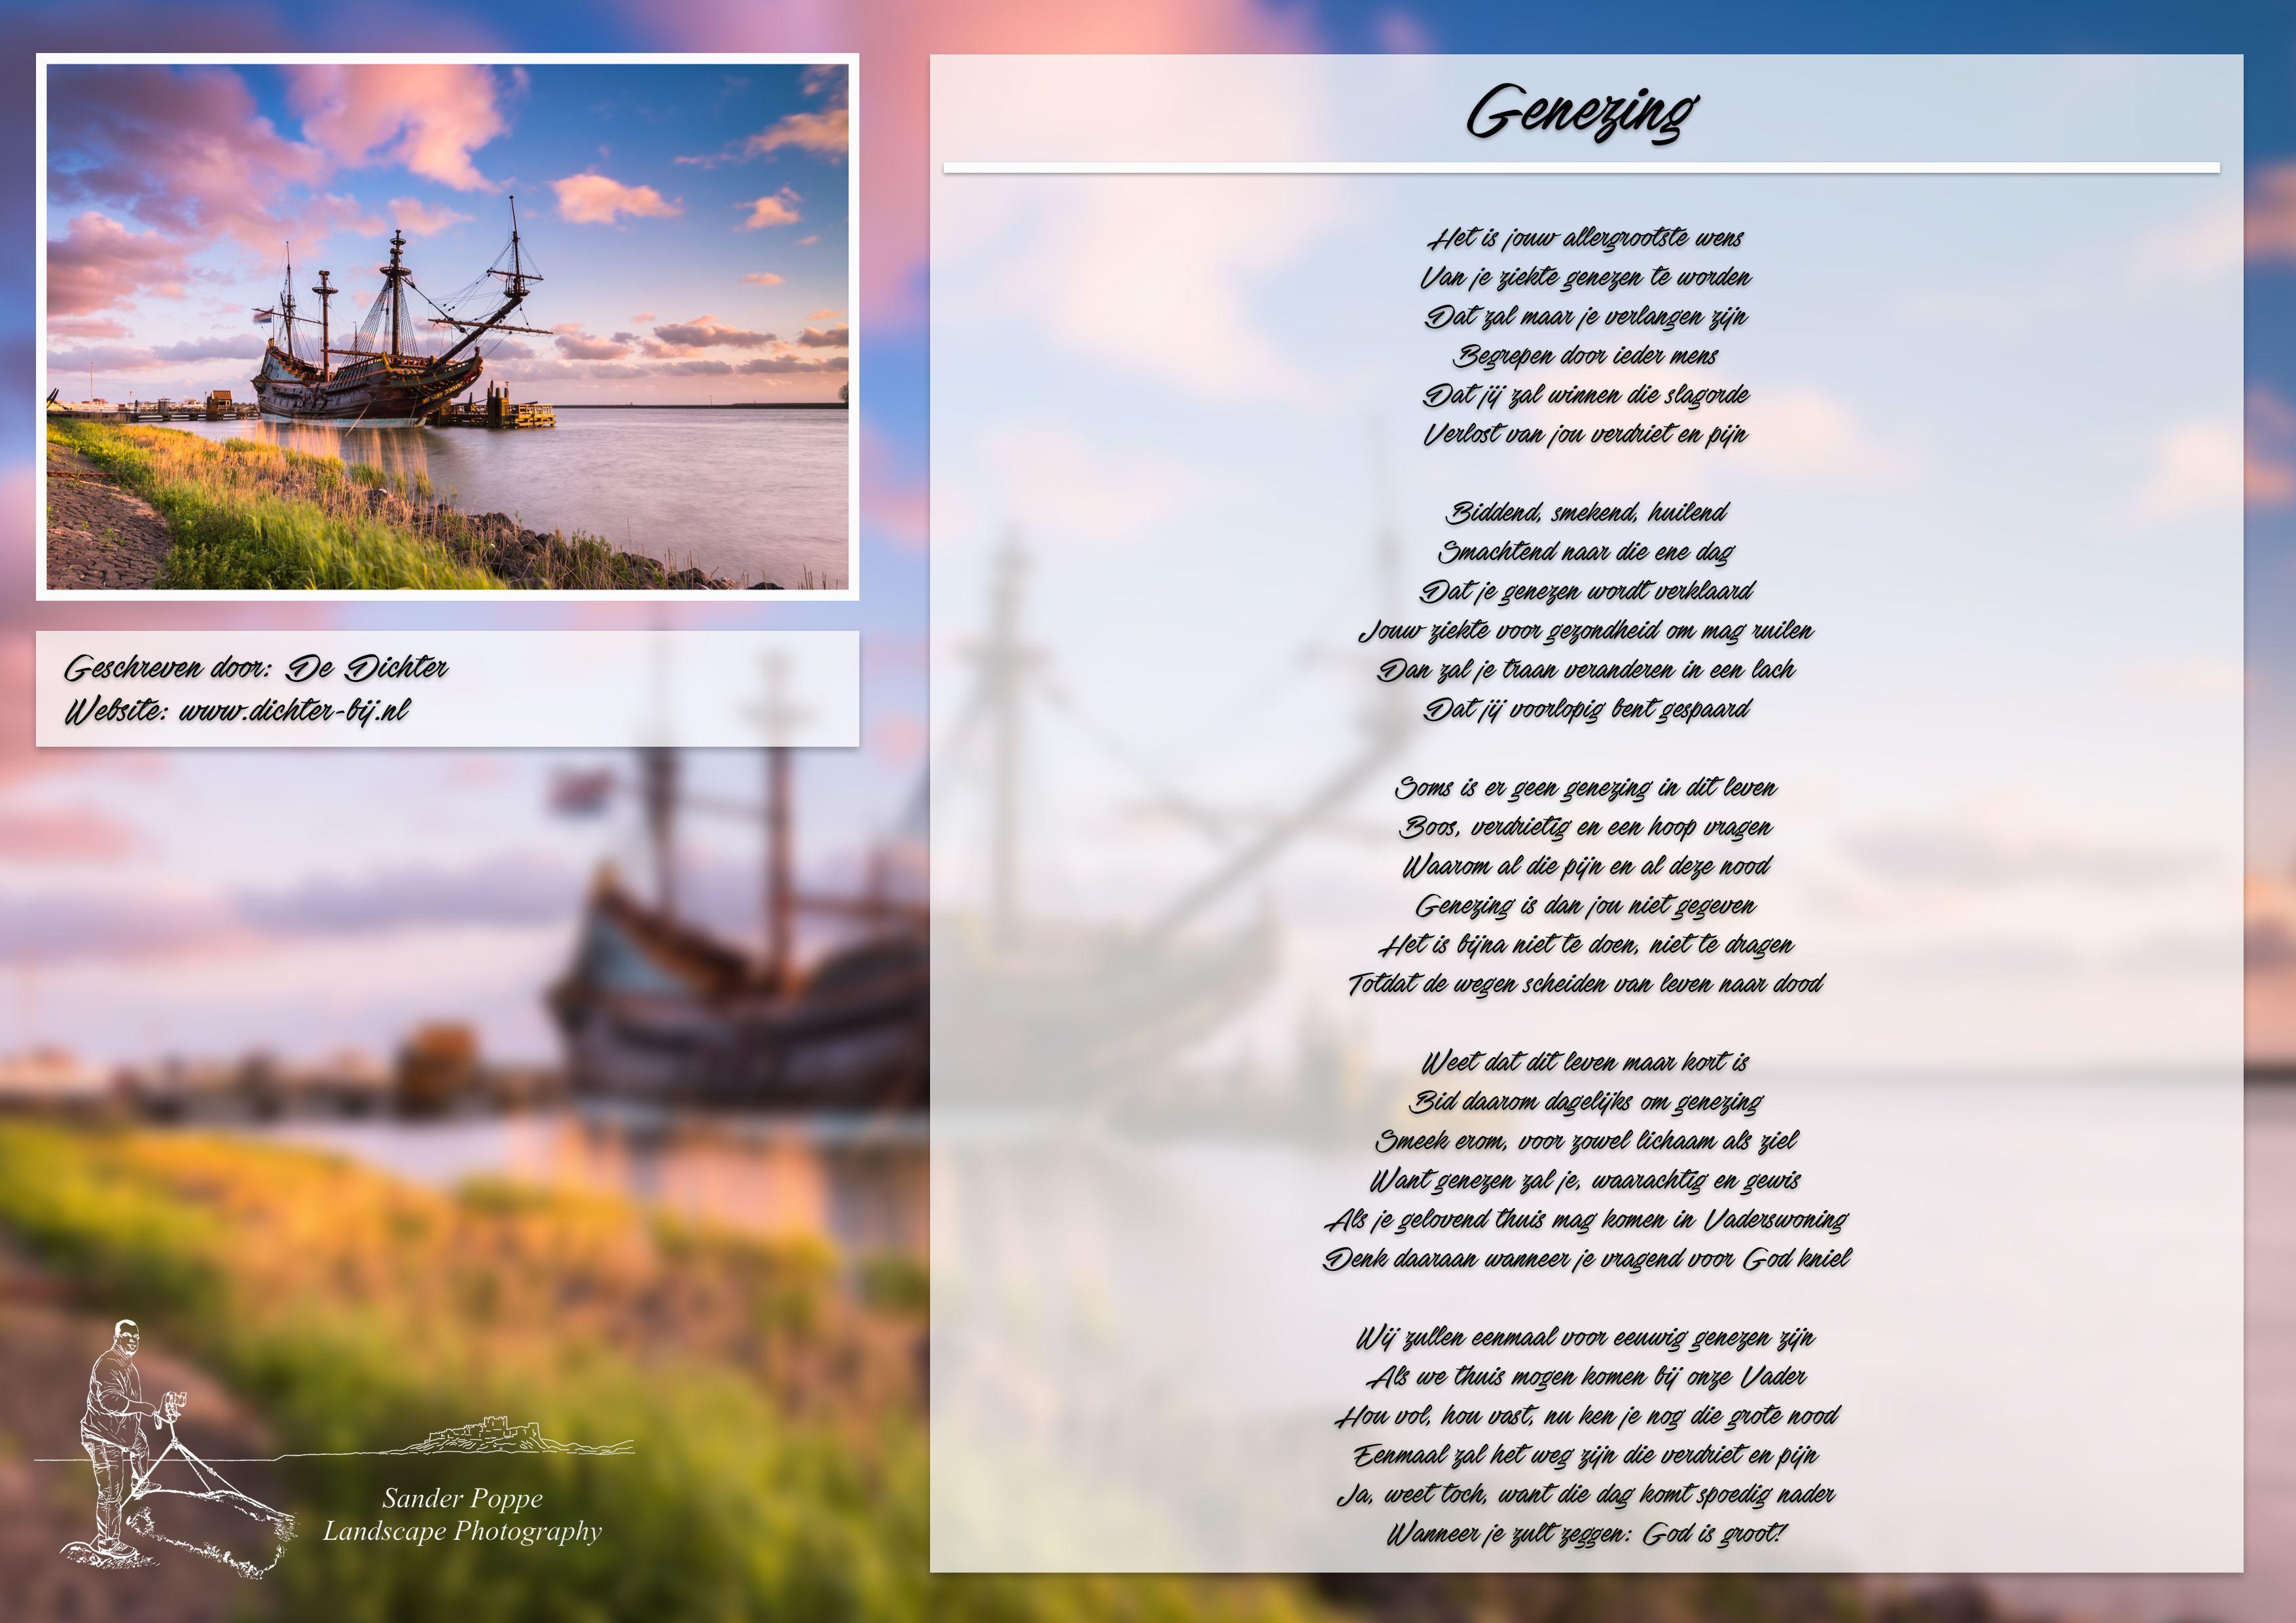 Genezing Meer Gedichten Quotes En Kleurplaten Op Www Dichter Bij Nl Genezing Gedichten